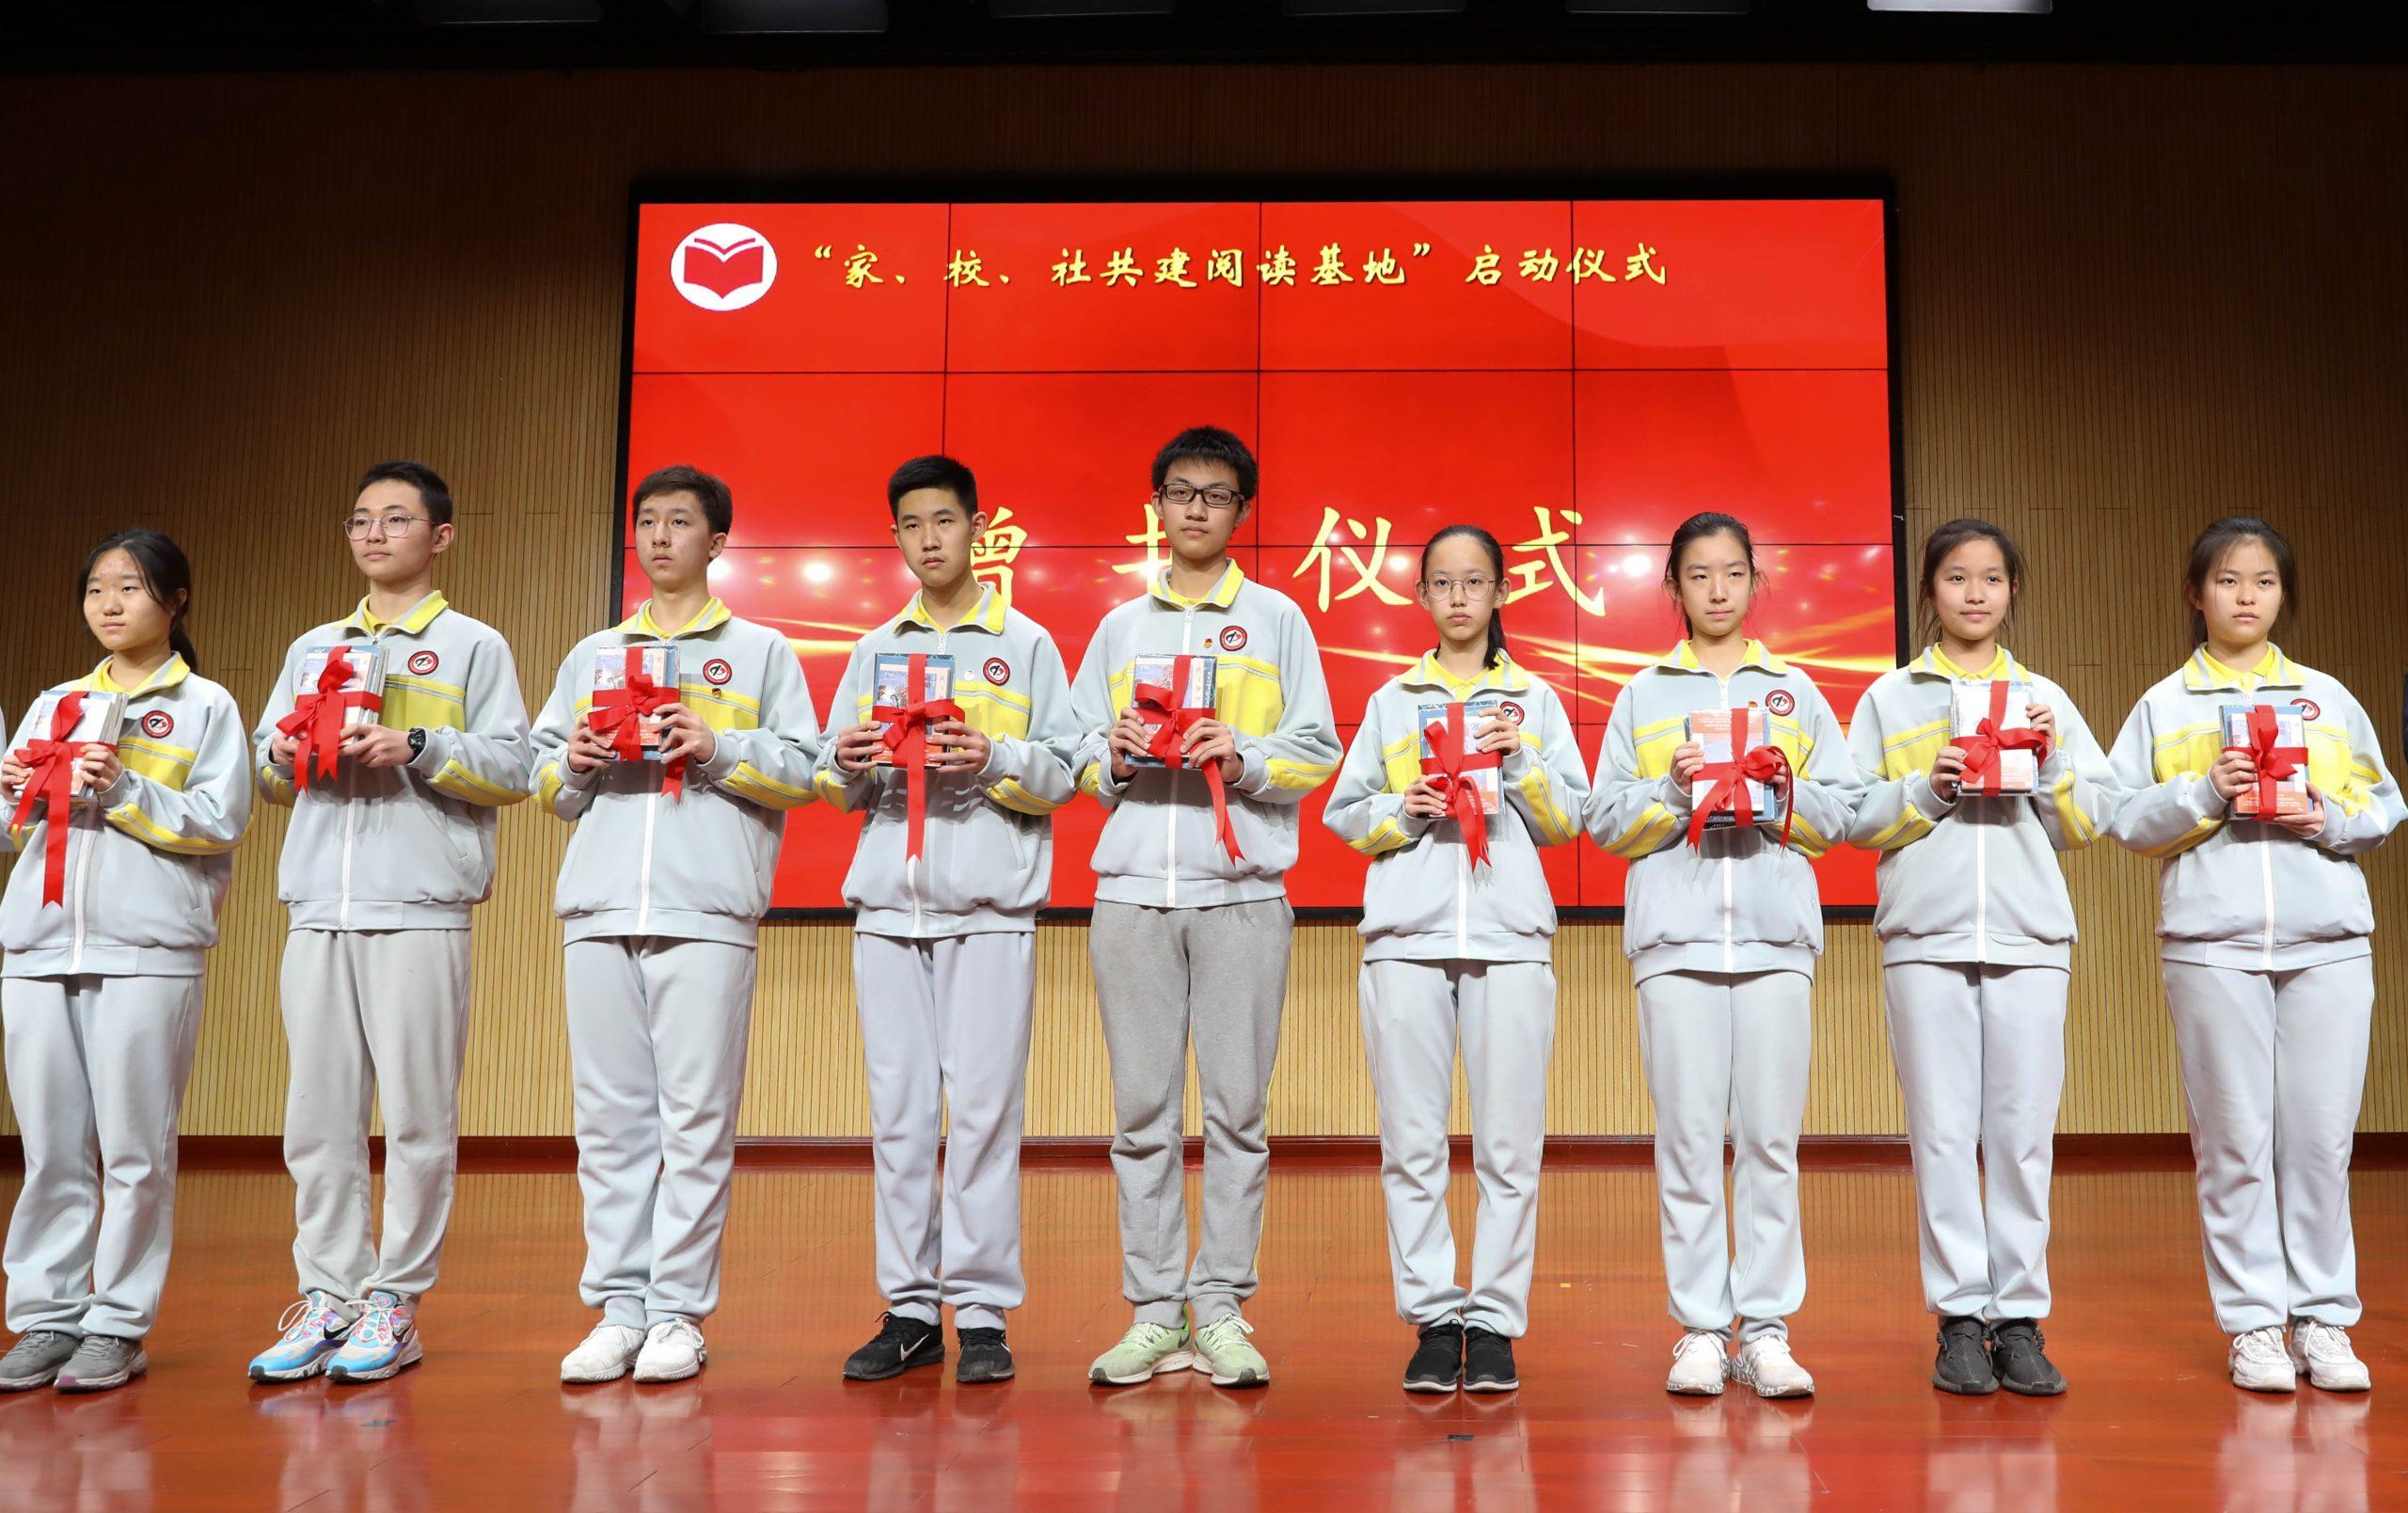 人民文学出版社与北京市第二中学教育集团携手共建阅读教学实验基地